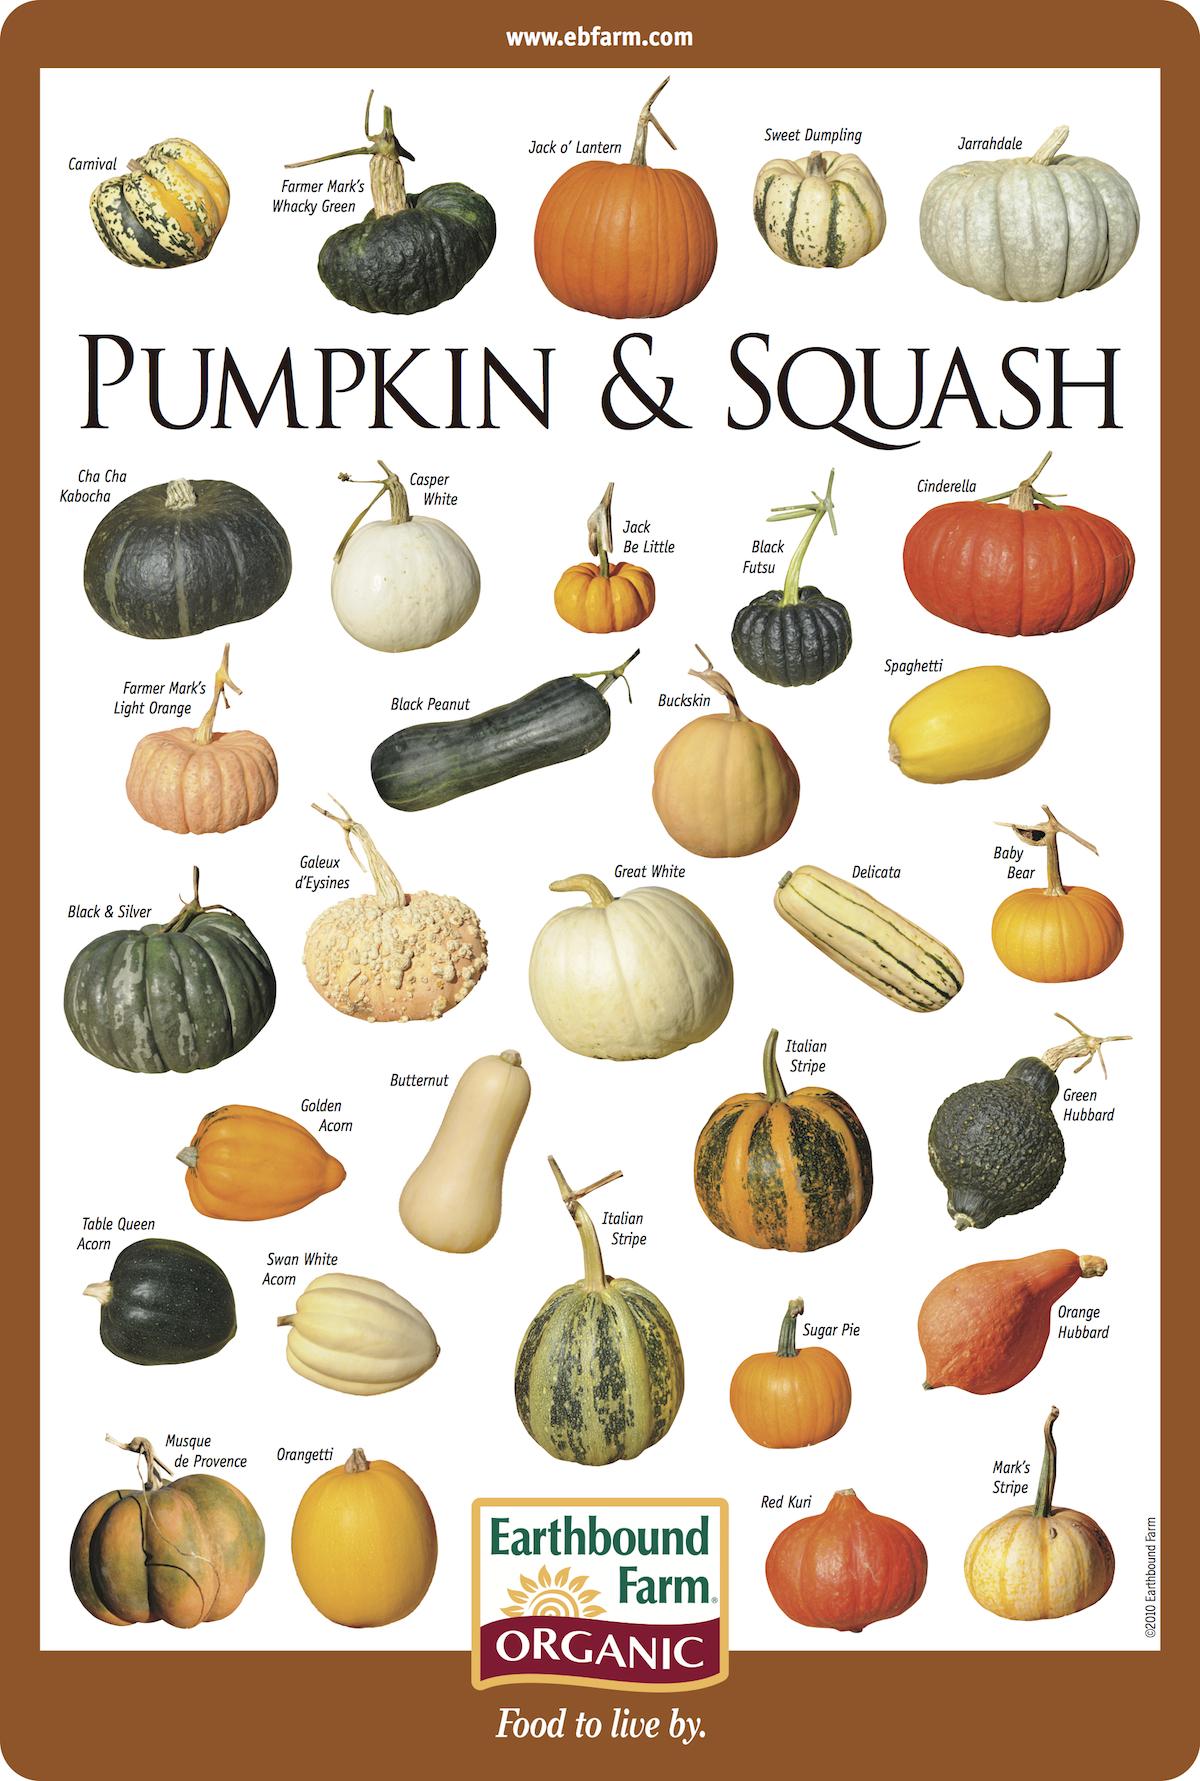 Pumpkin Squash Varieties.